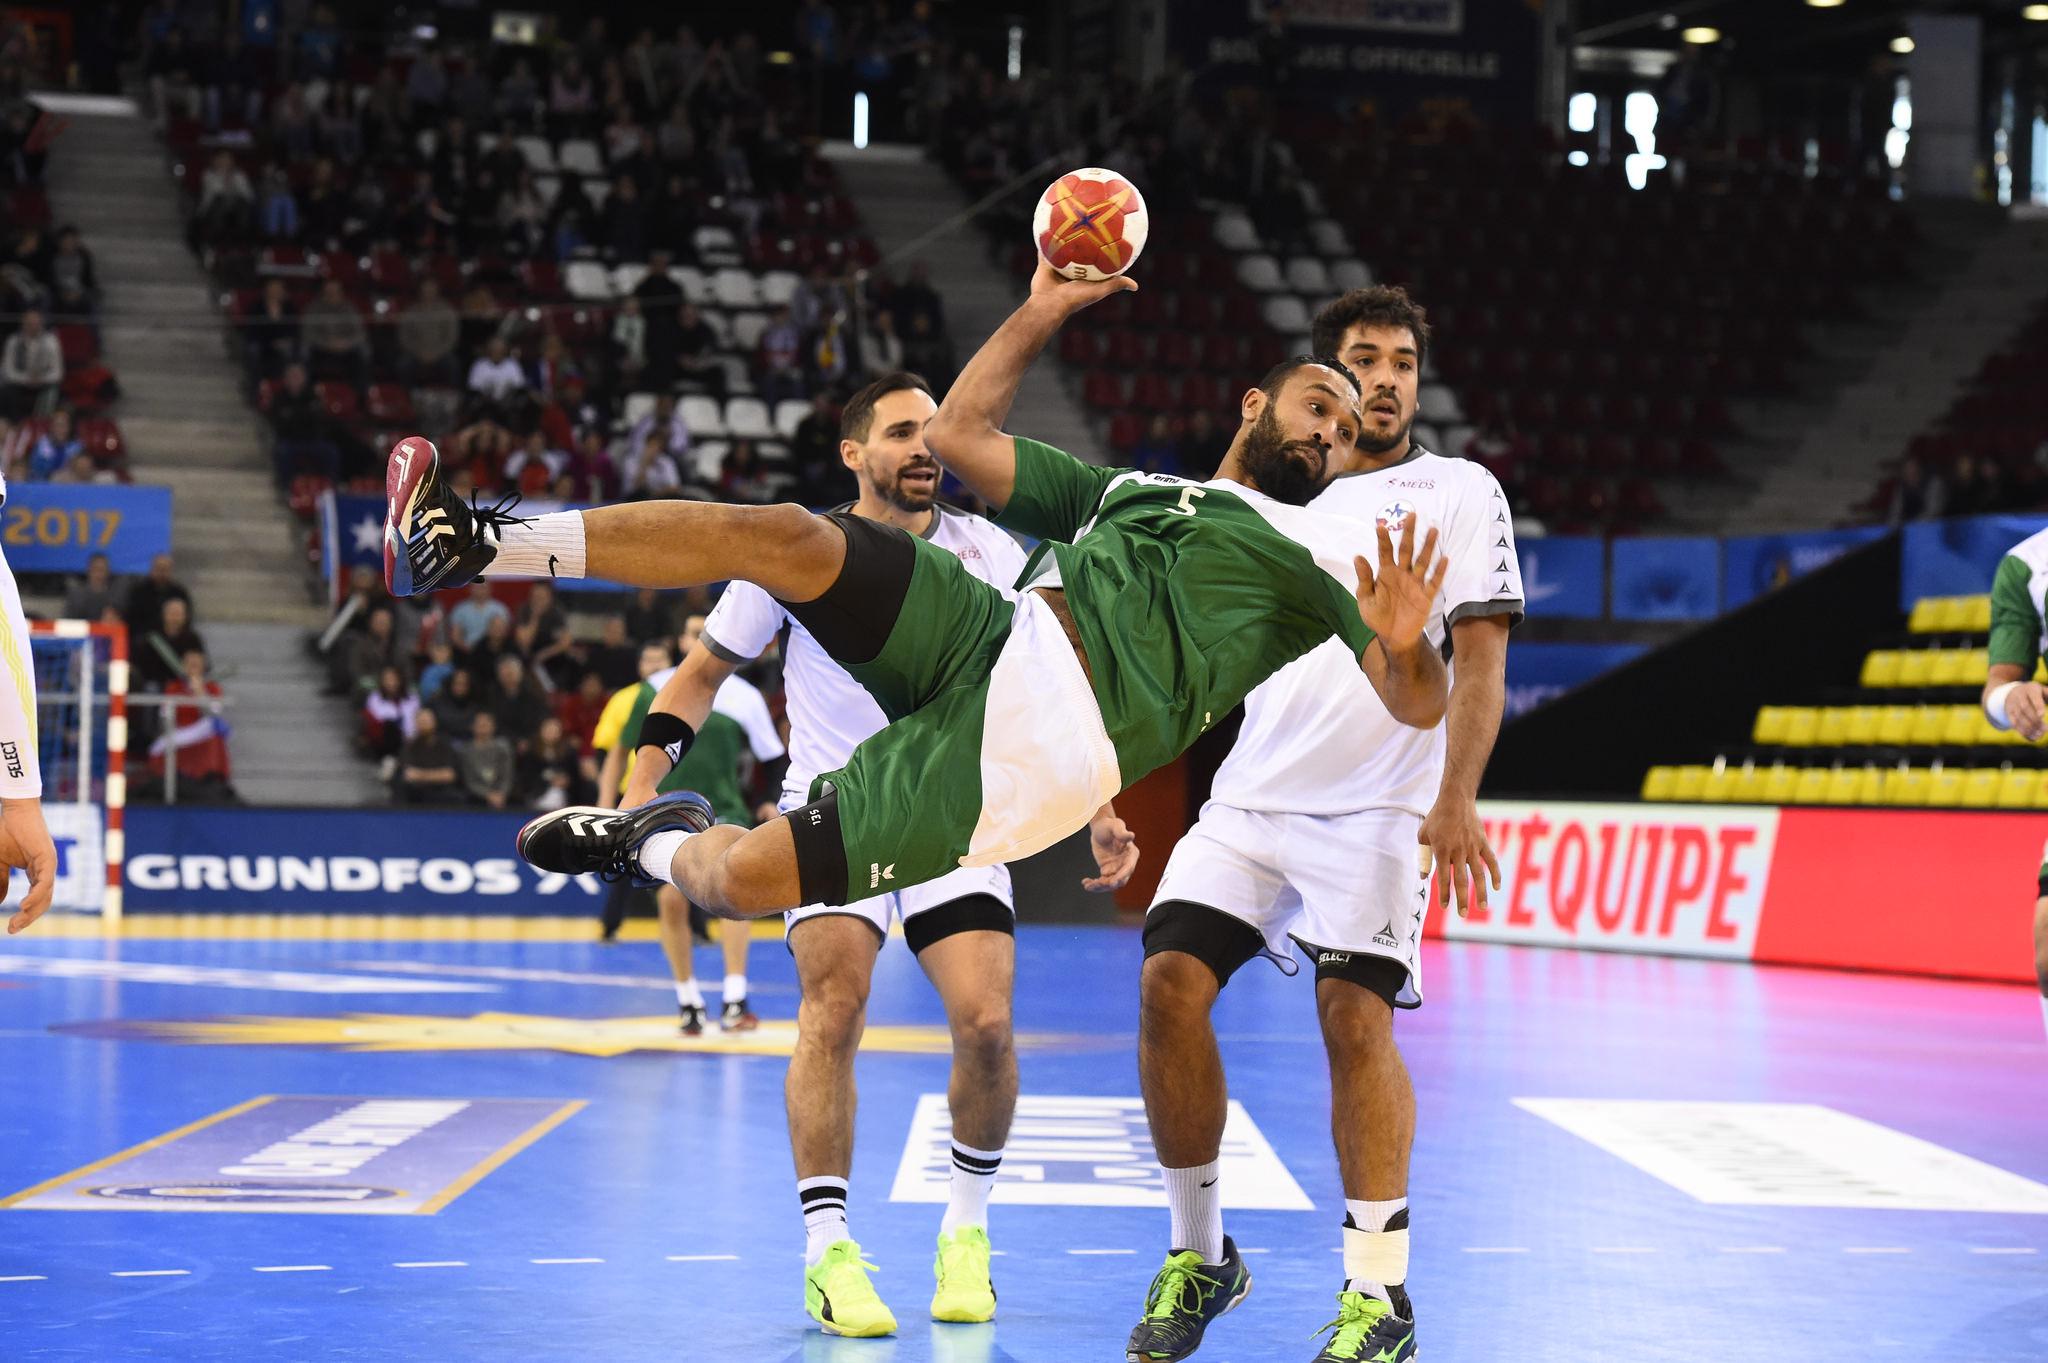 Le Chili s'est incliné hier soir devant l'Arabie Saoudite au Kindarena à Rouen (Photo©P.Montigny/France Handball)